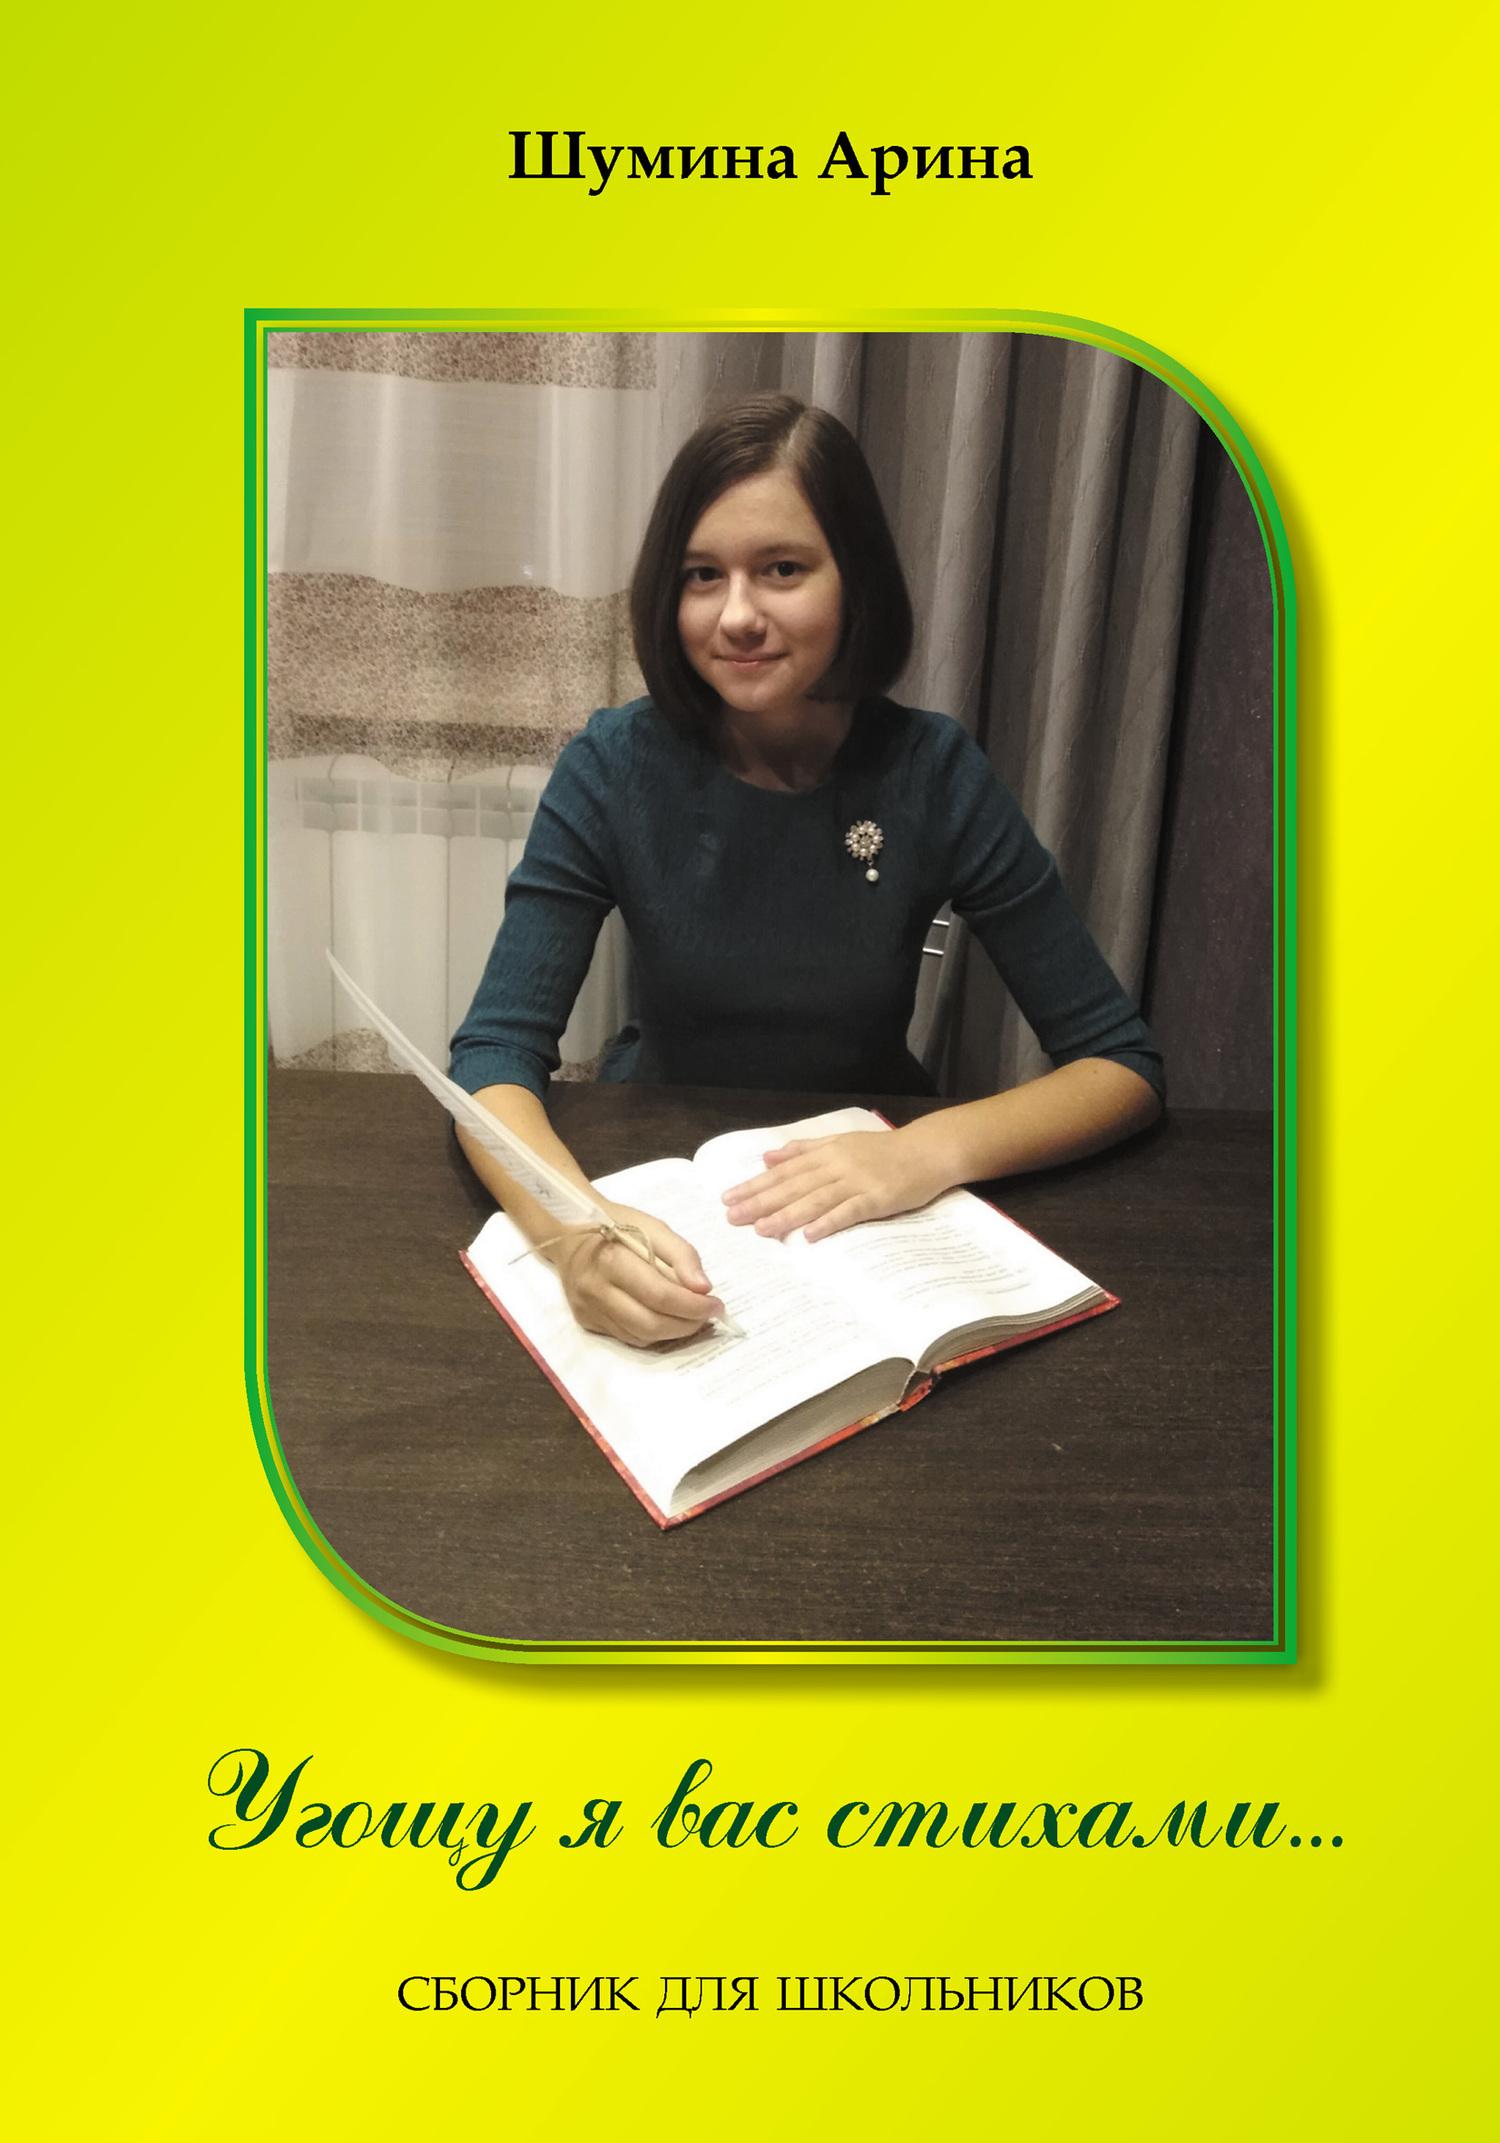 Арина Шумина - Угощу я вас стихами